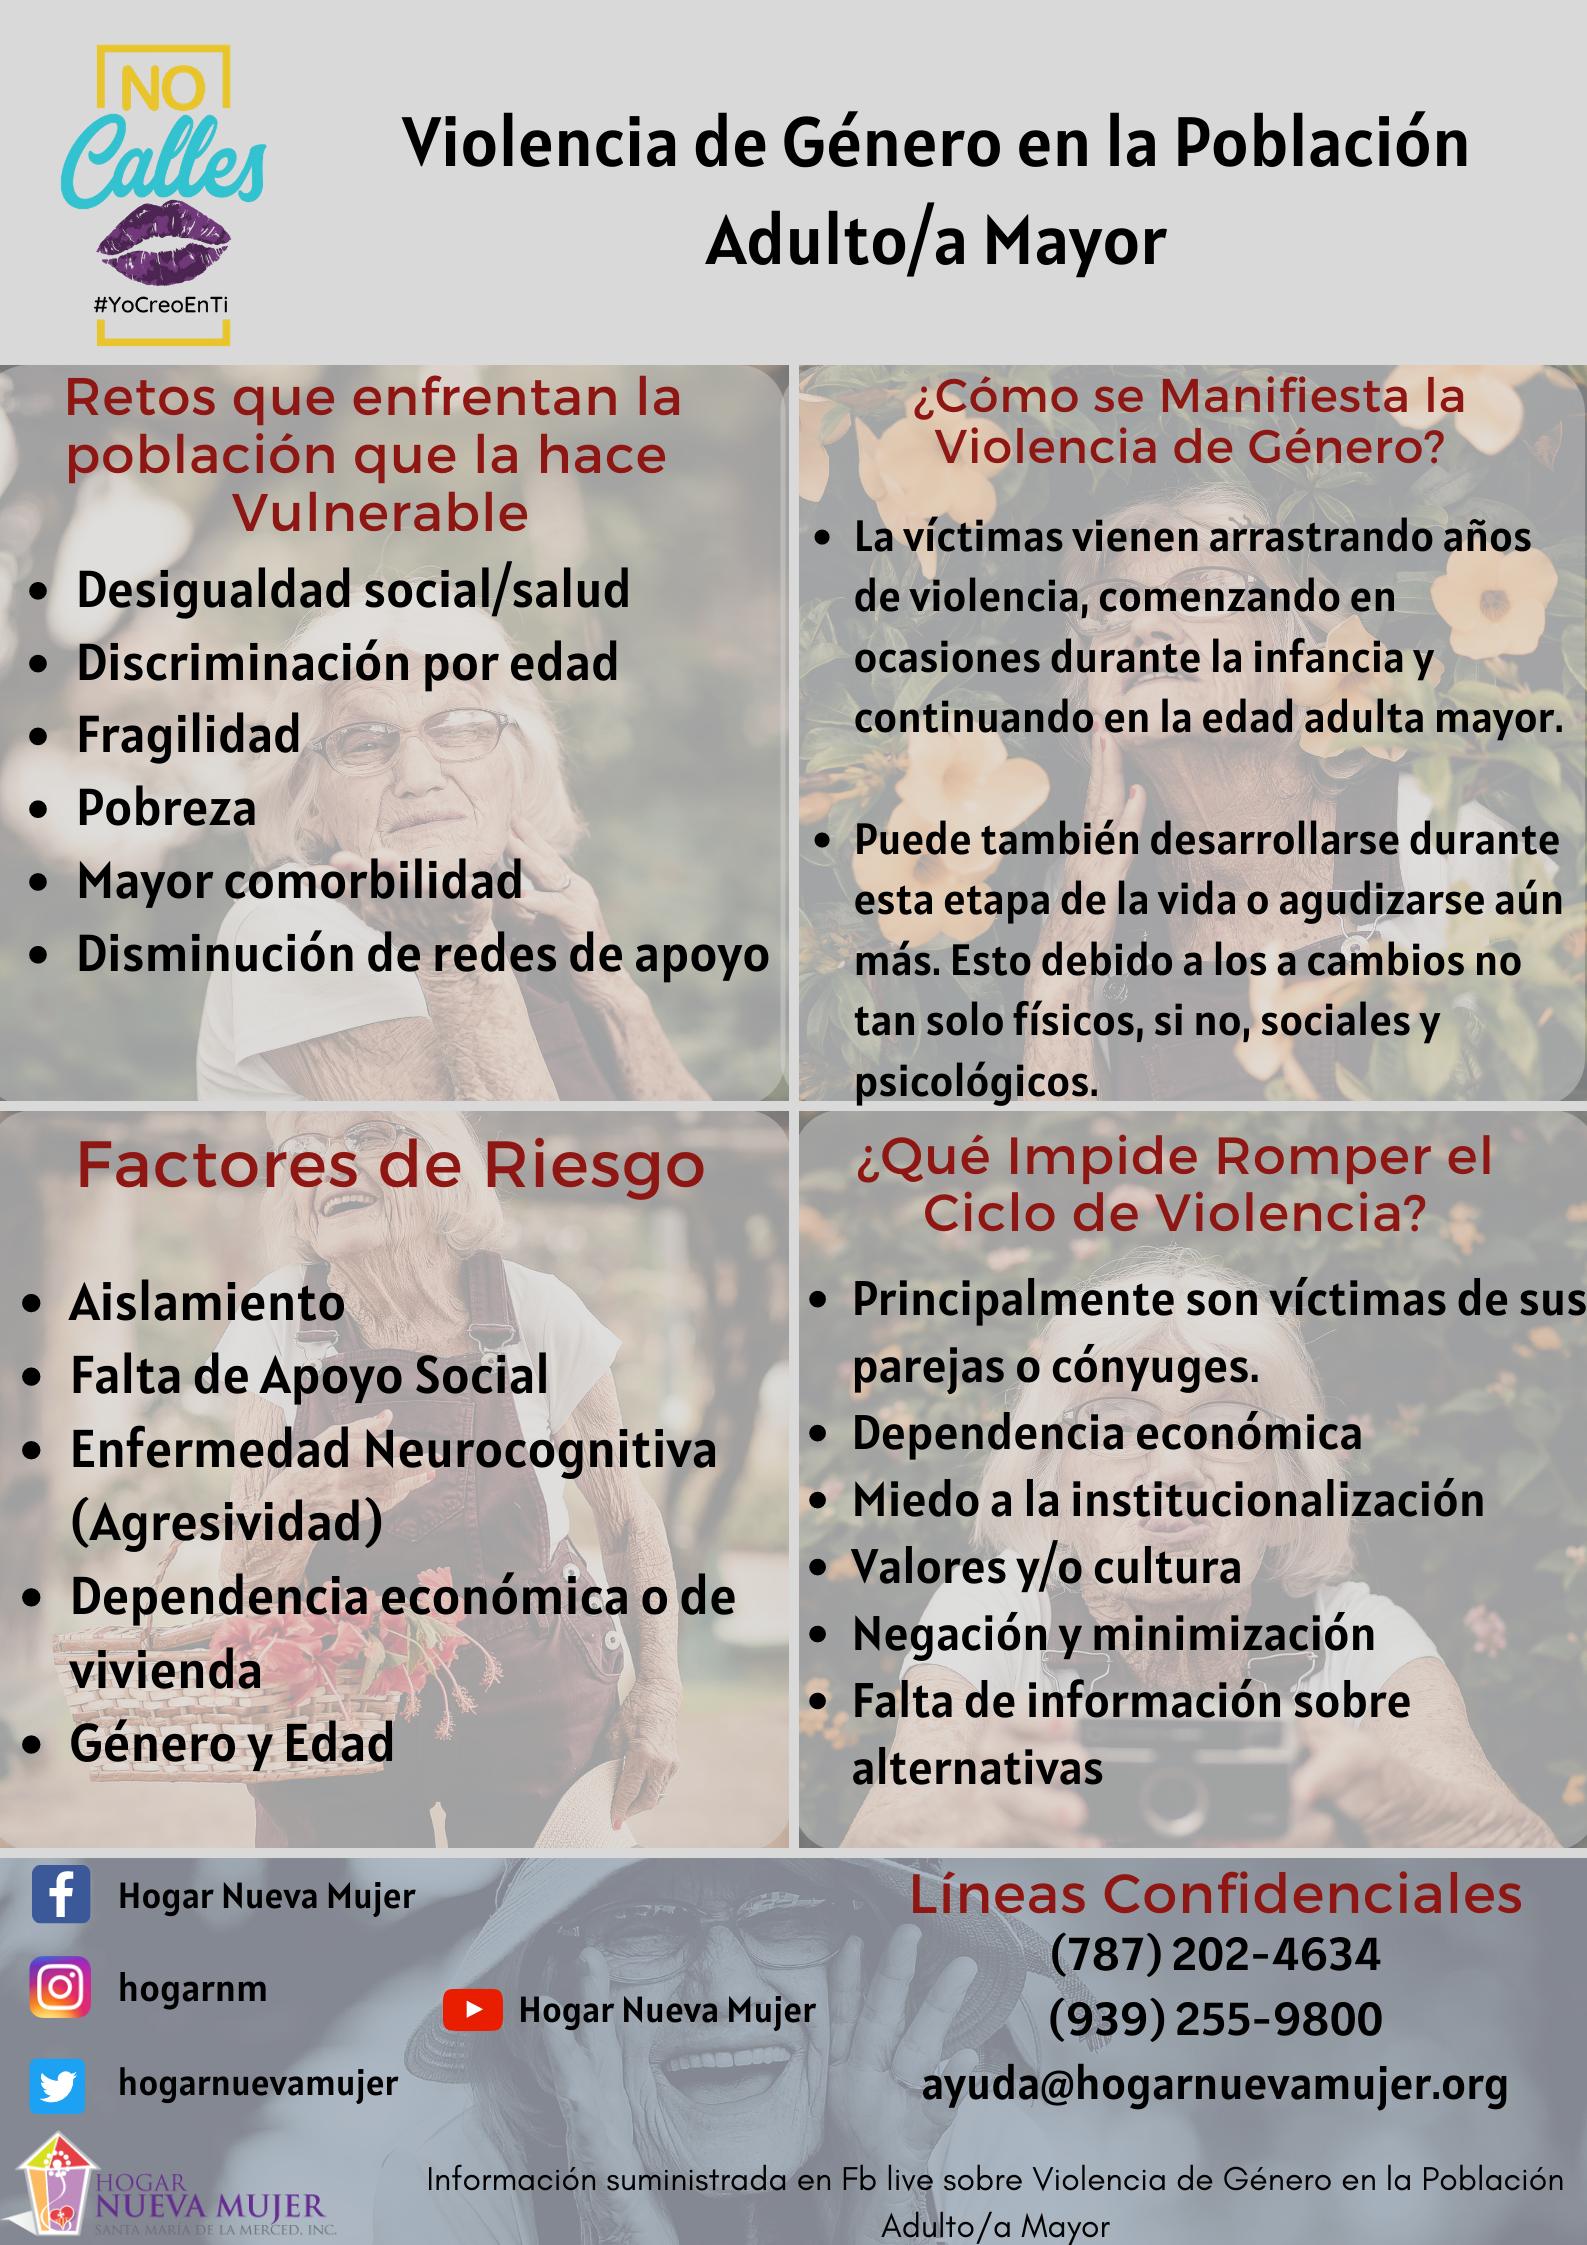 Violencia_de_Género_en_la_Población_Ad